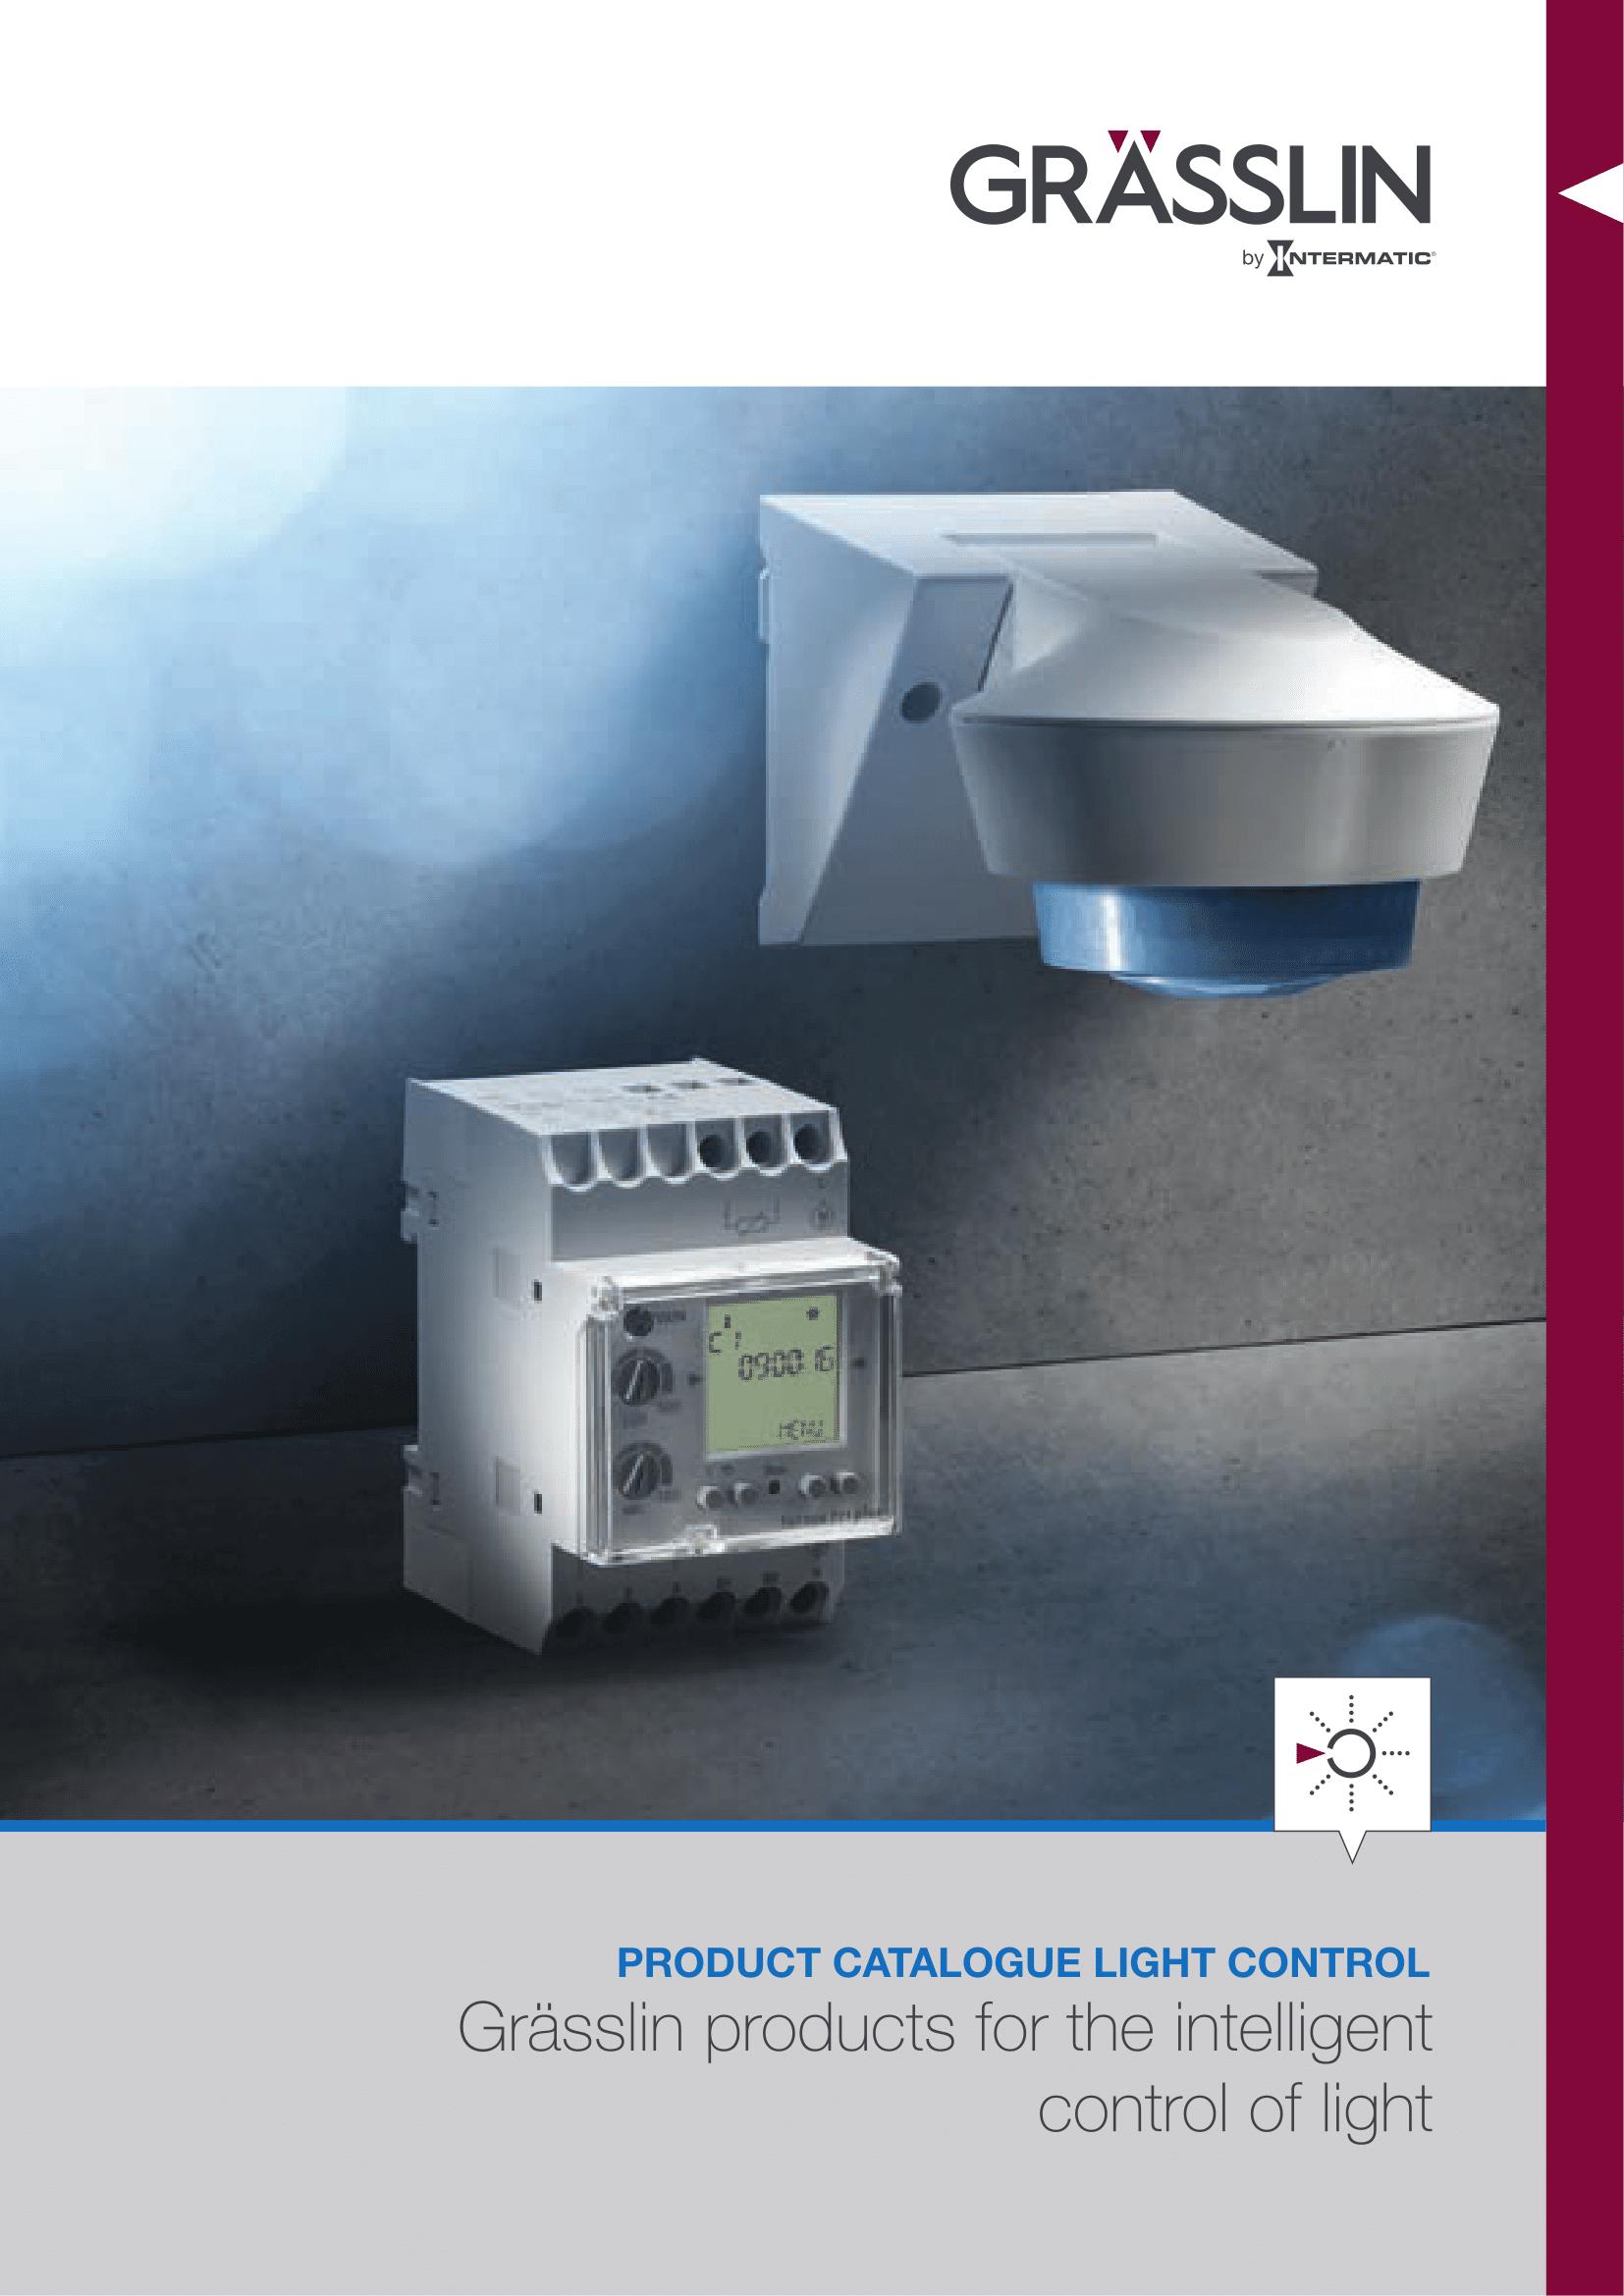 GRÄSSLIN Light Control Catalogue